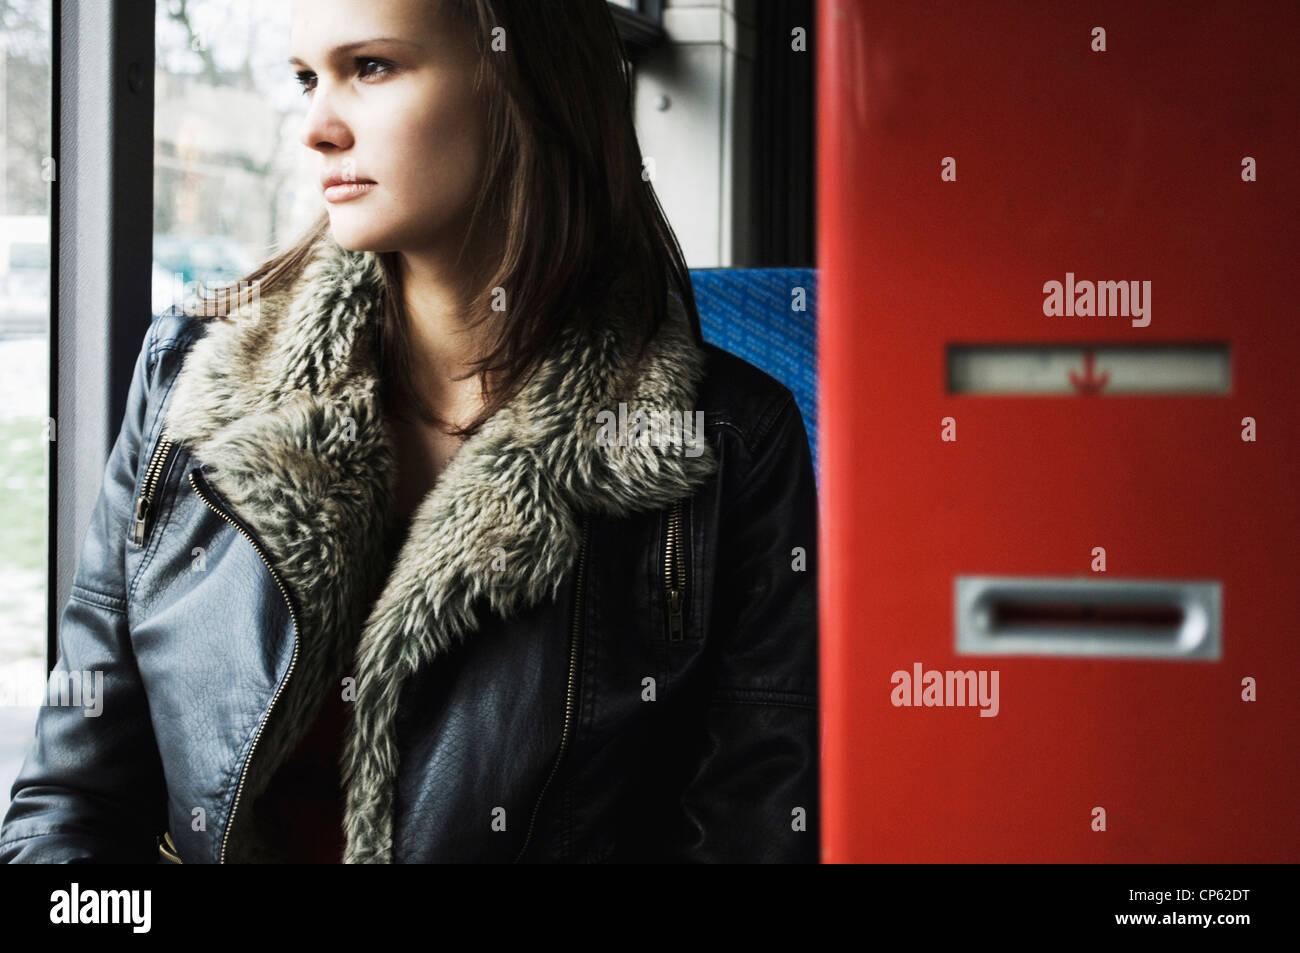 Germania, Duesseldorf, giovane donna in bus pubblico Immagini Stock